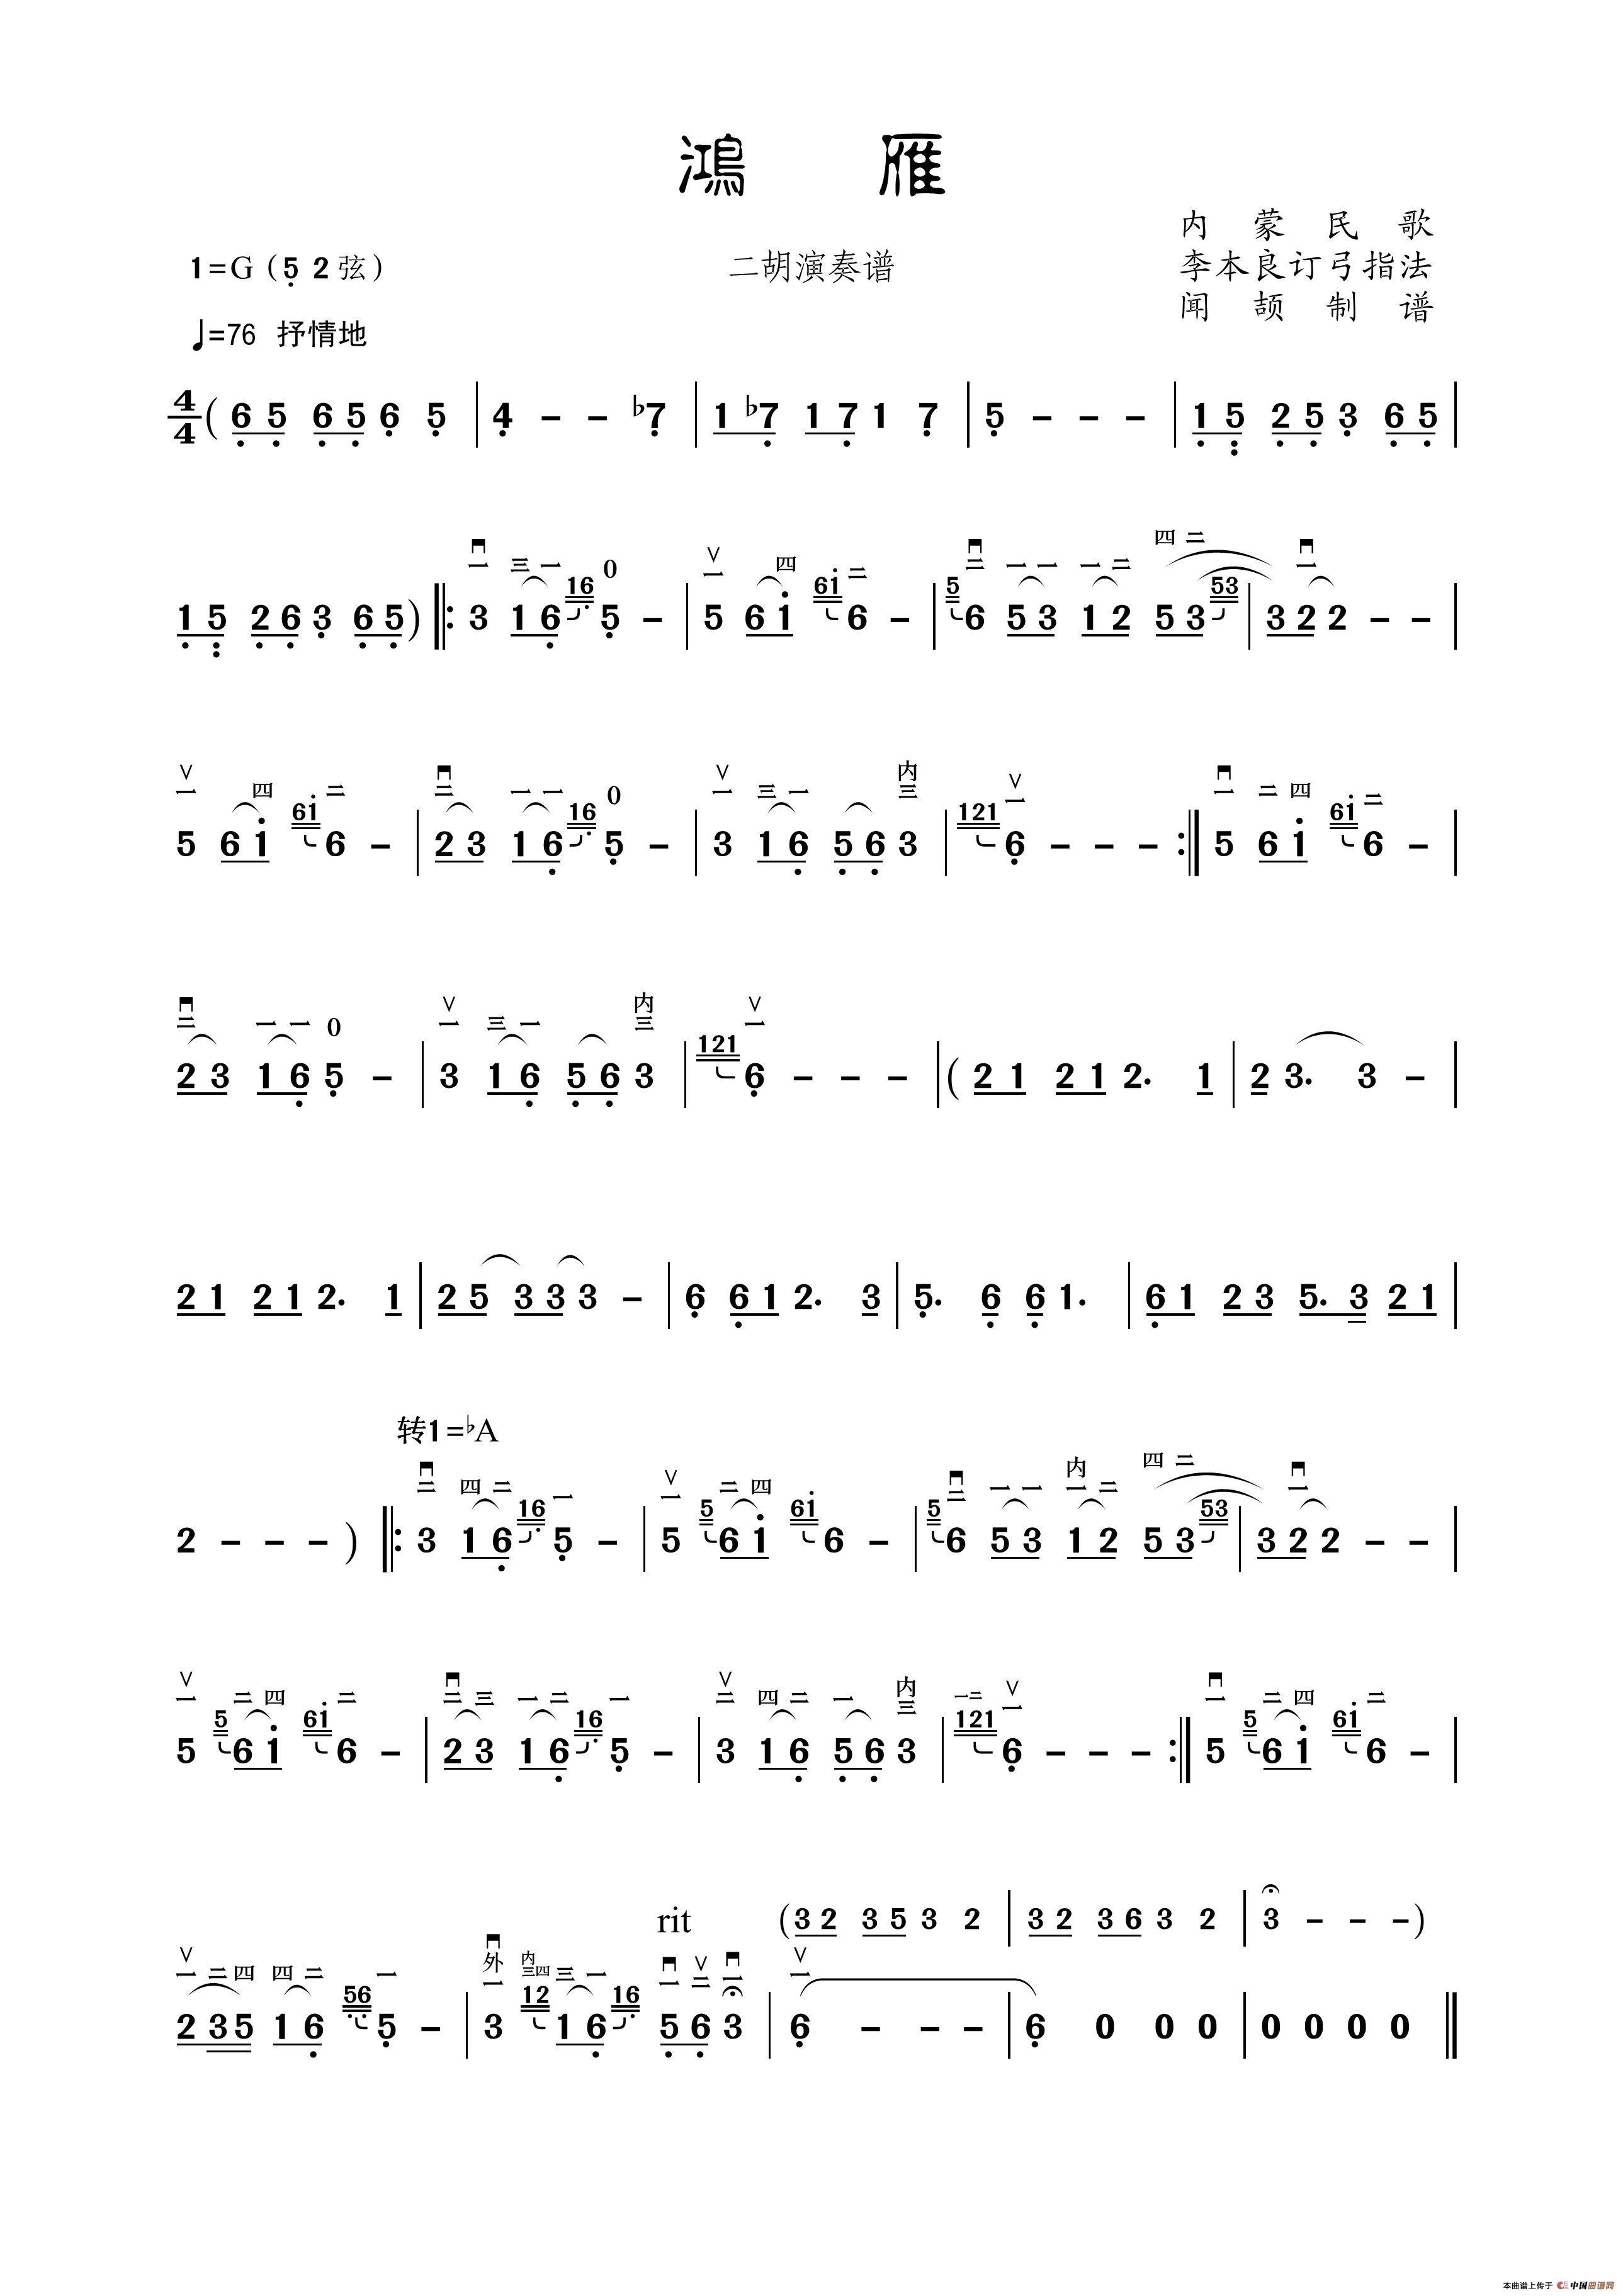 成人钢琴自学指导《鸿雁》简单的和弦编配 快速入门钢琴伴奏学习